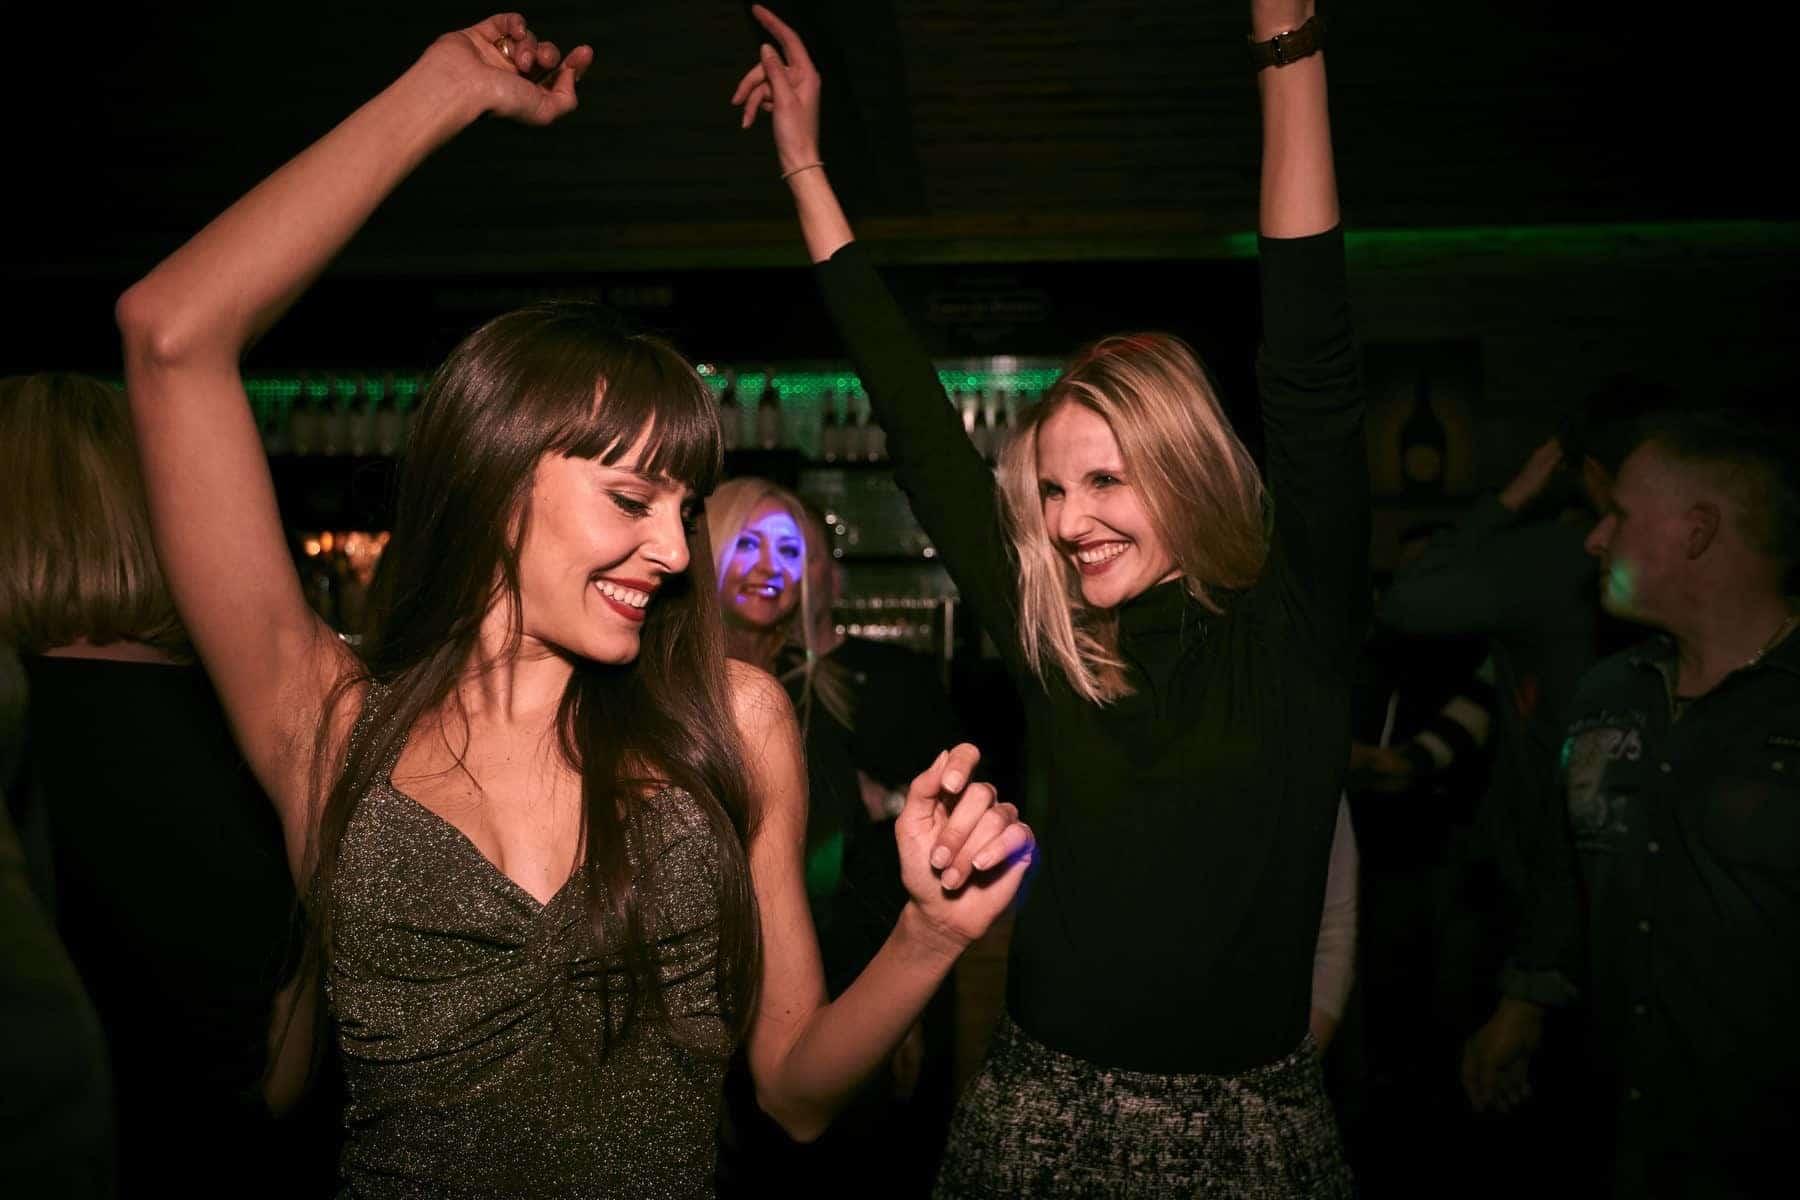 Night Life. Champagne og Clubbing er en option